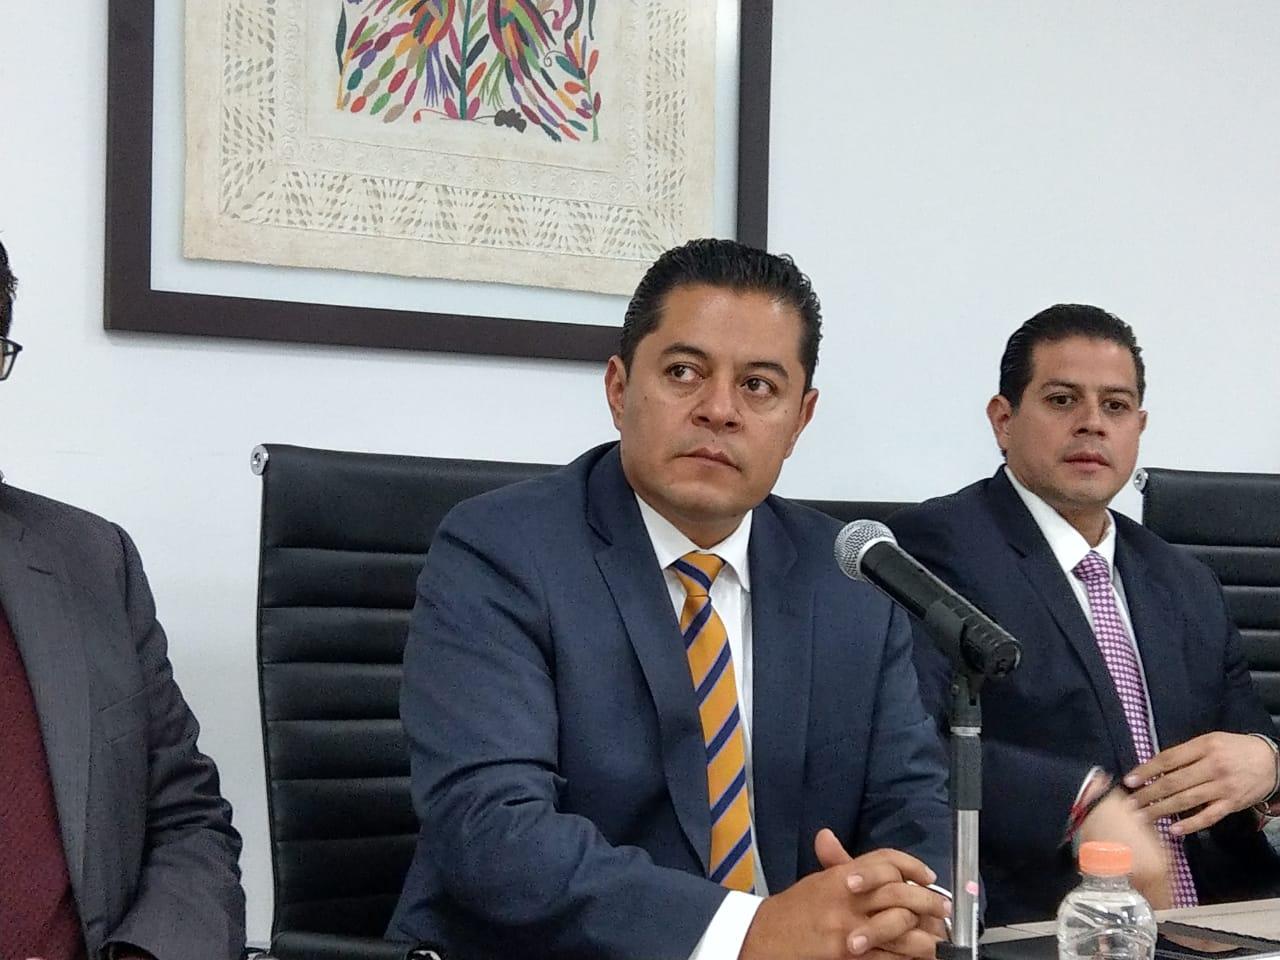 IEE no retrasará el inicio del proceso comicial 2021 por crisis sanitaria, asegura García Onofre